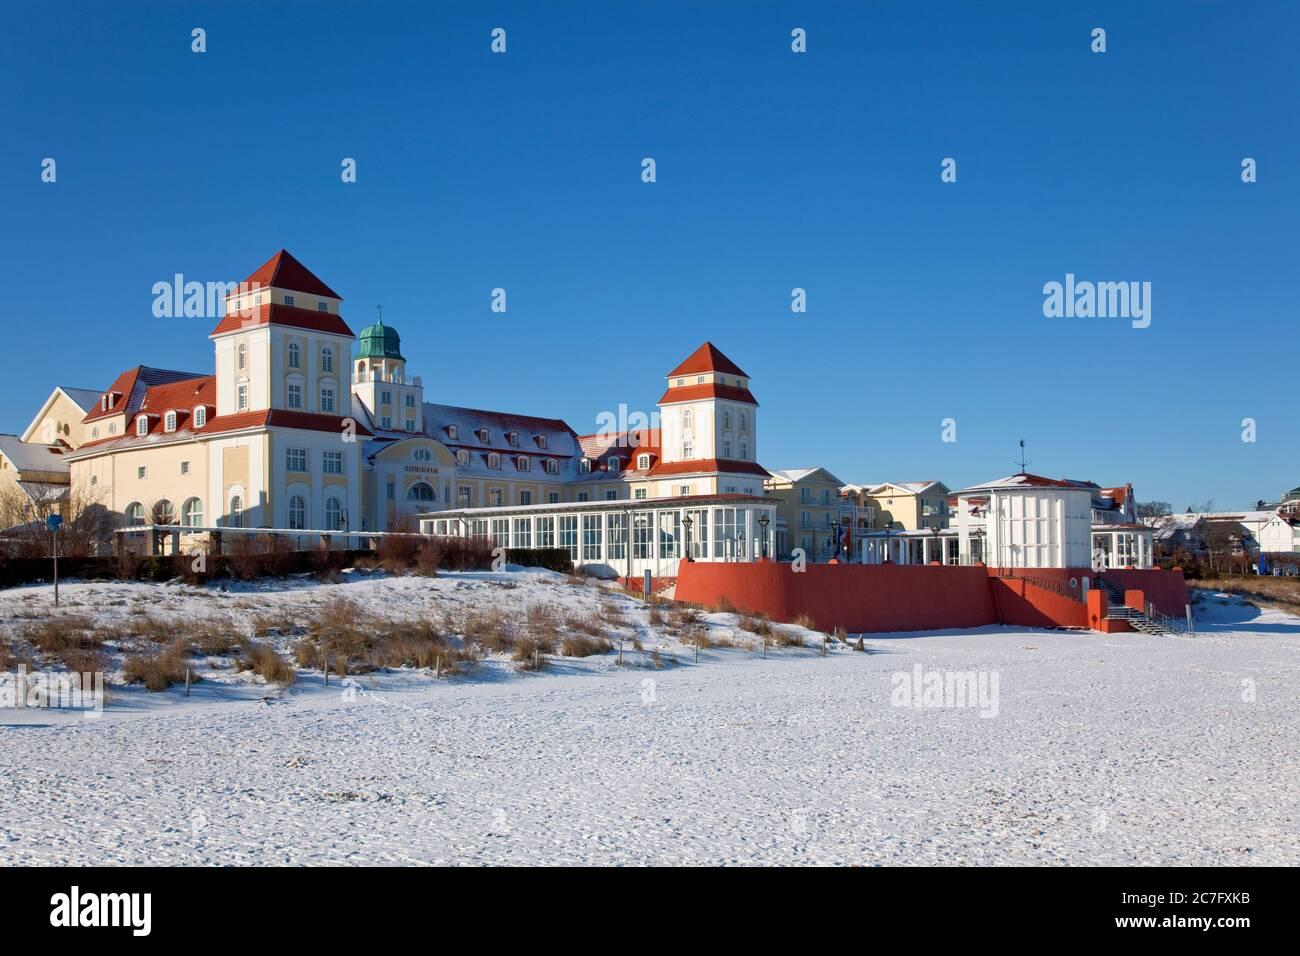 Alemania, Mecklemburgo-Pomerania Occidental, Costa alemana, Costa del Mar Báltico, Mar Báltico, . Foto de stock